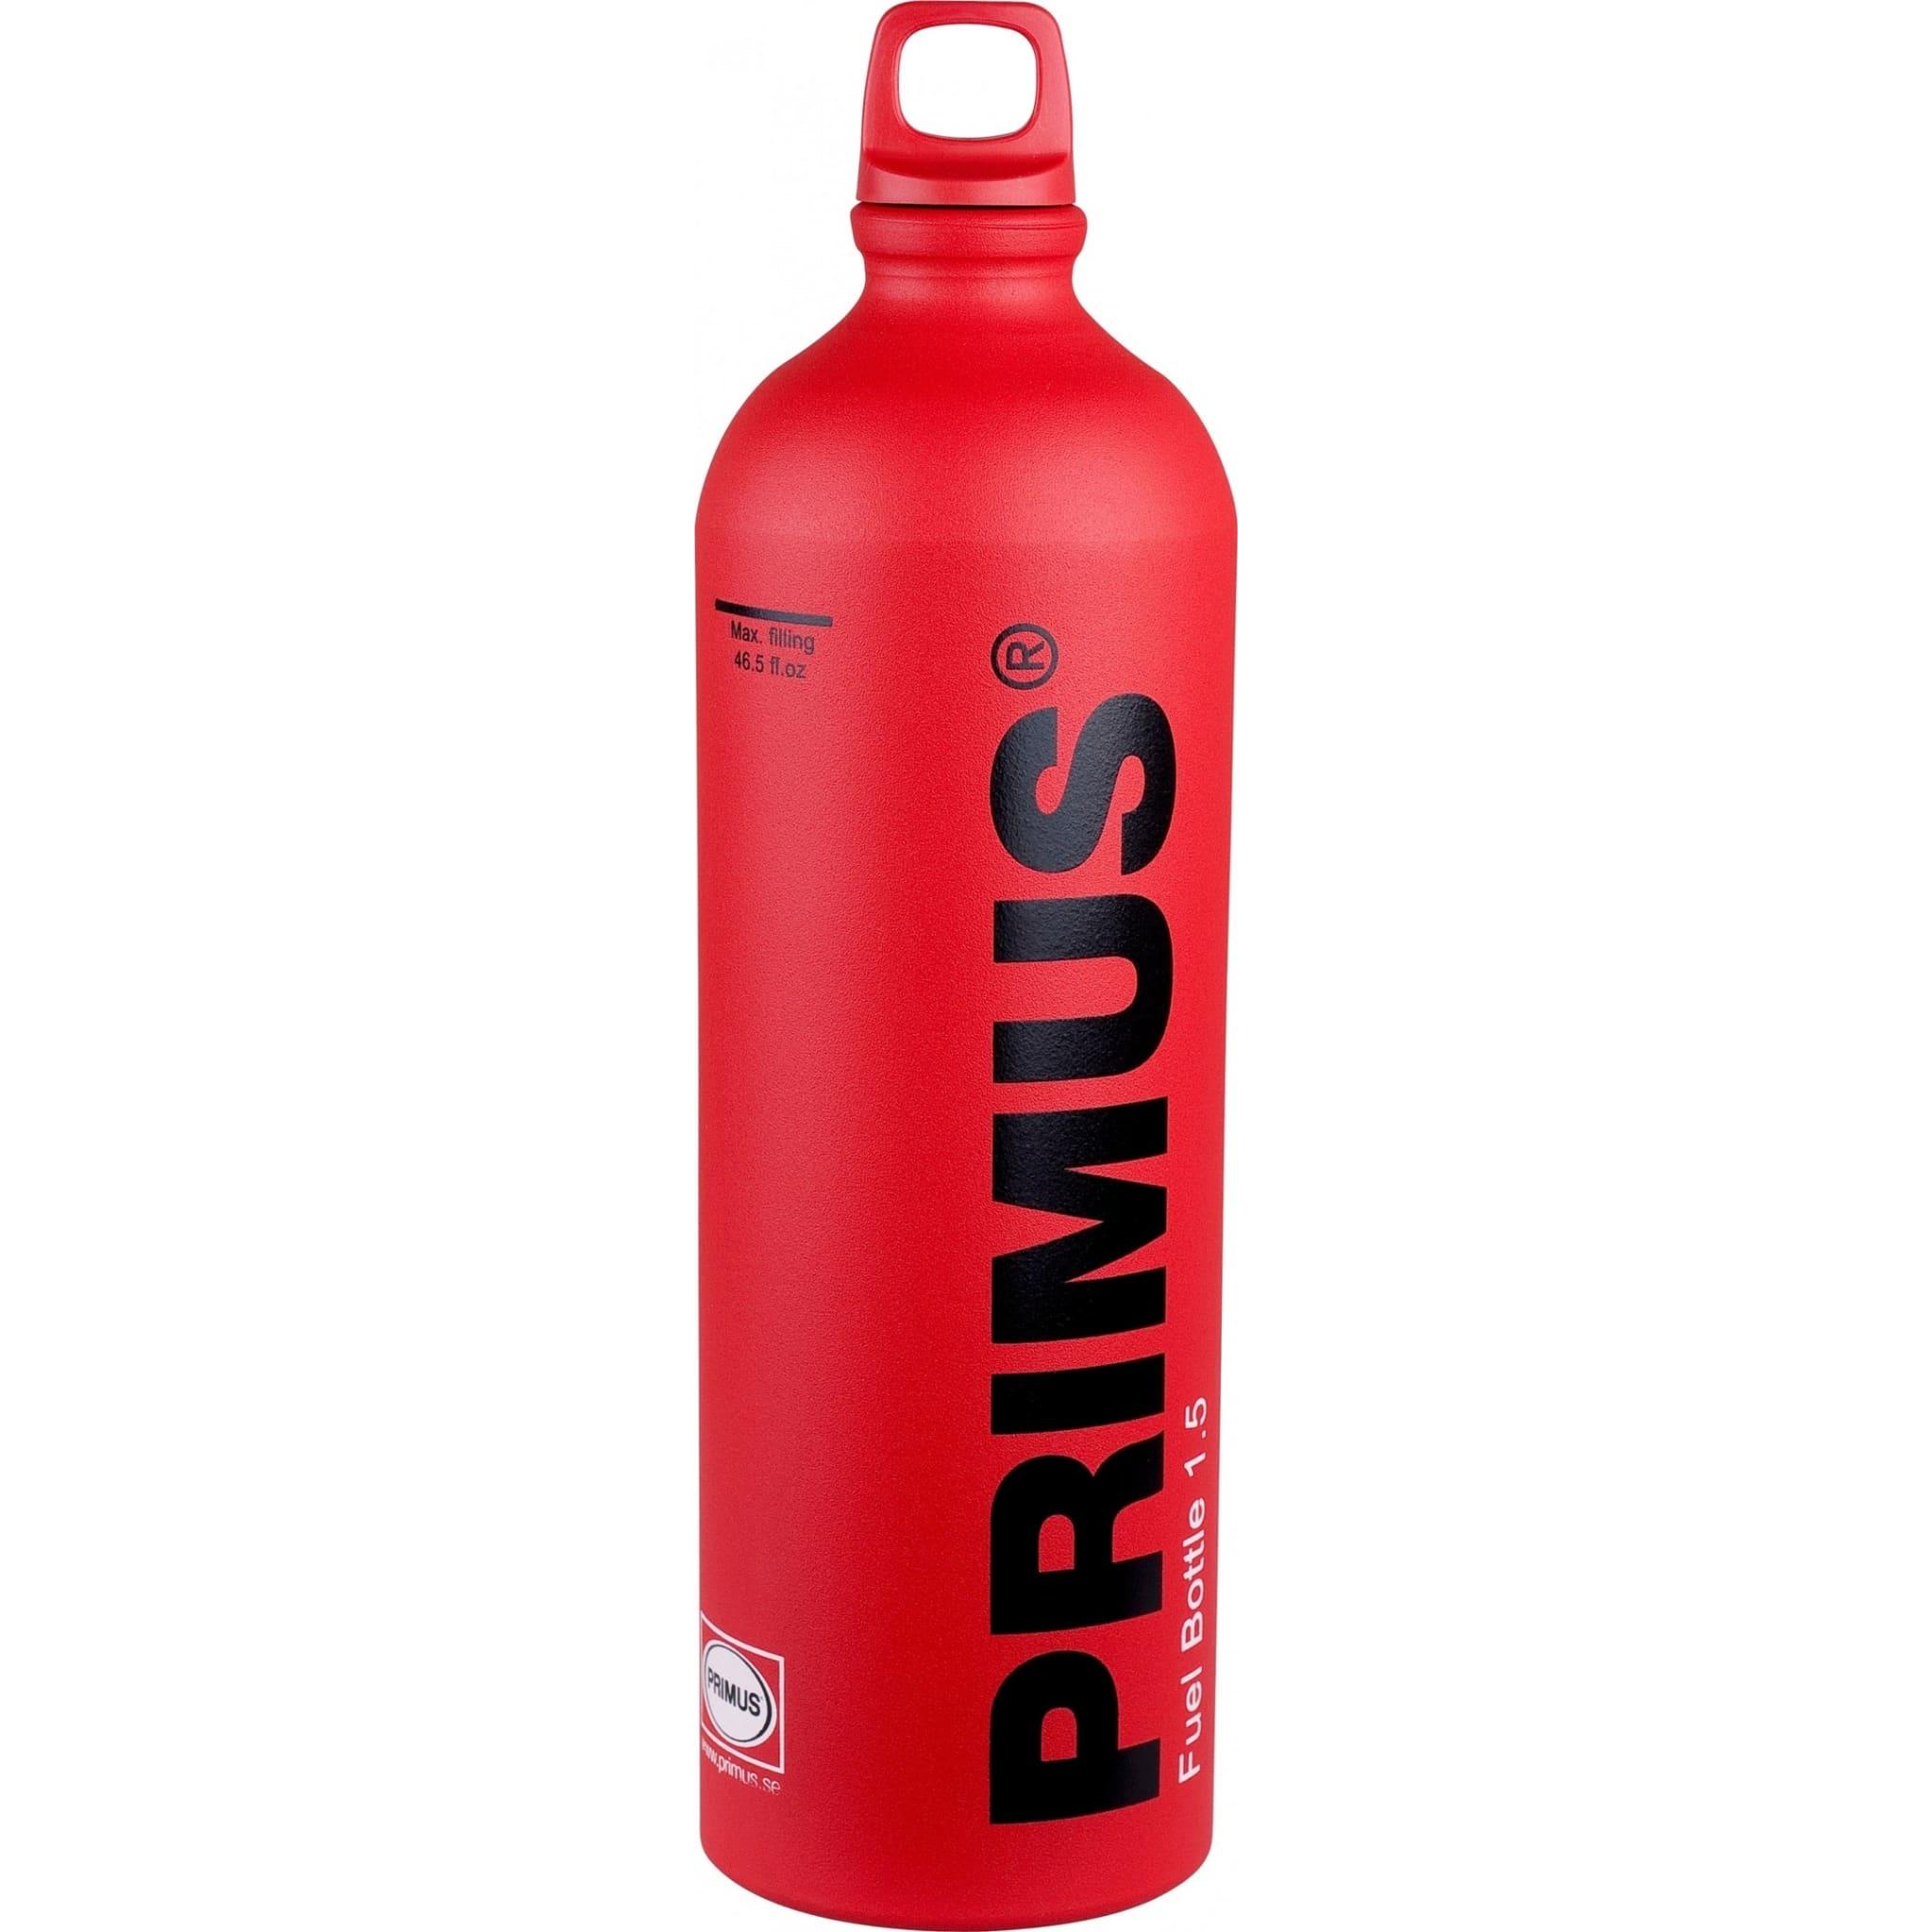 Flasker til brennere som bruker flytende drivstoff